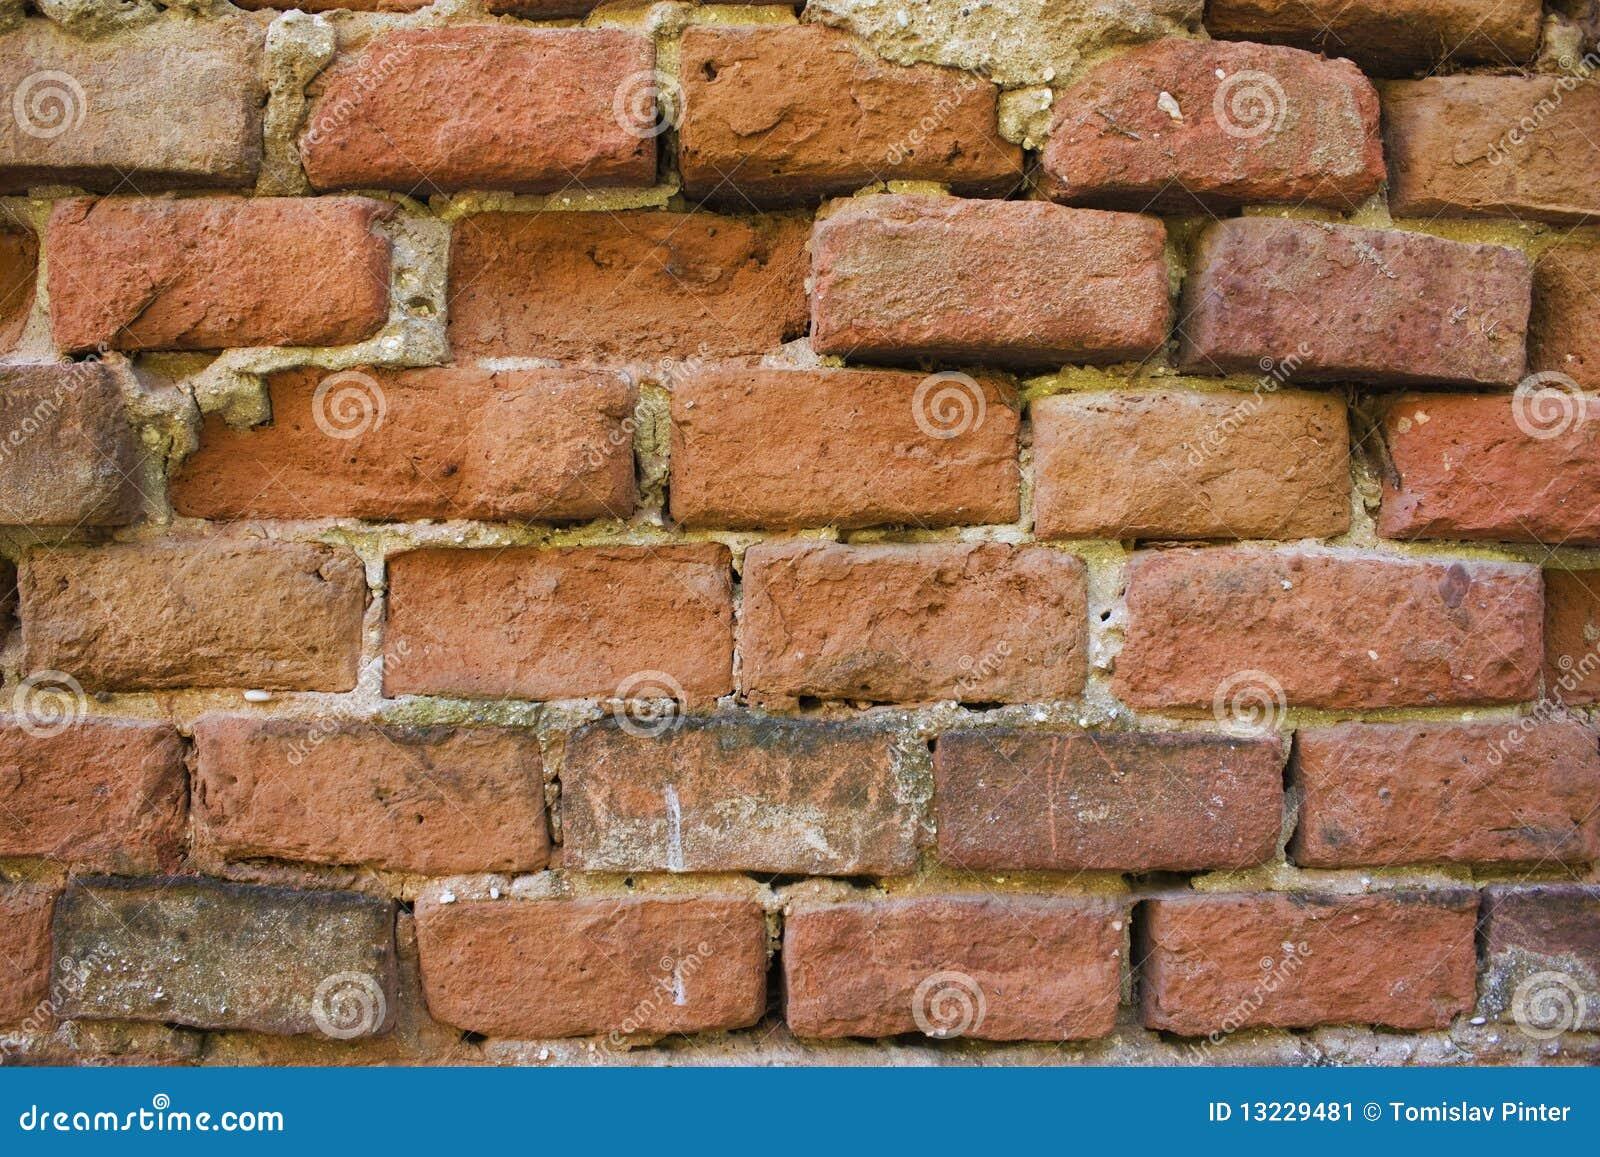 brick house facades european - photo #32